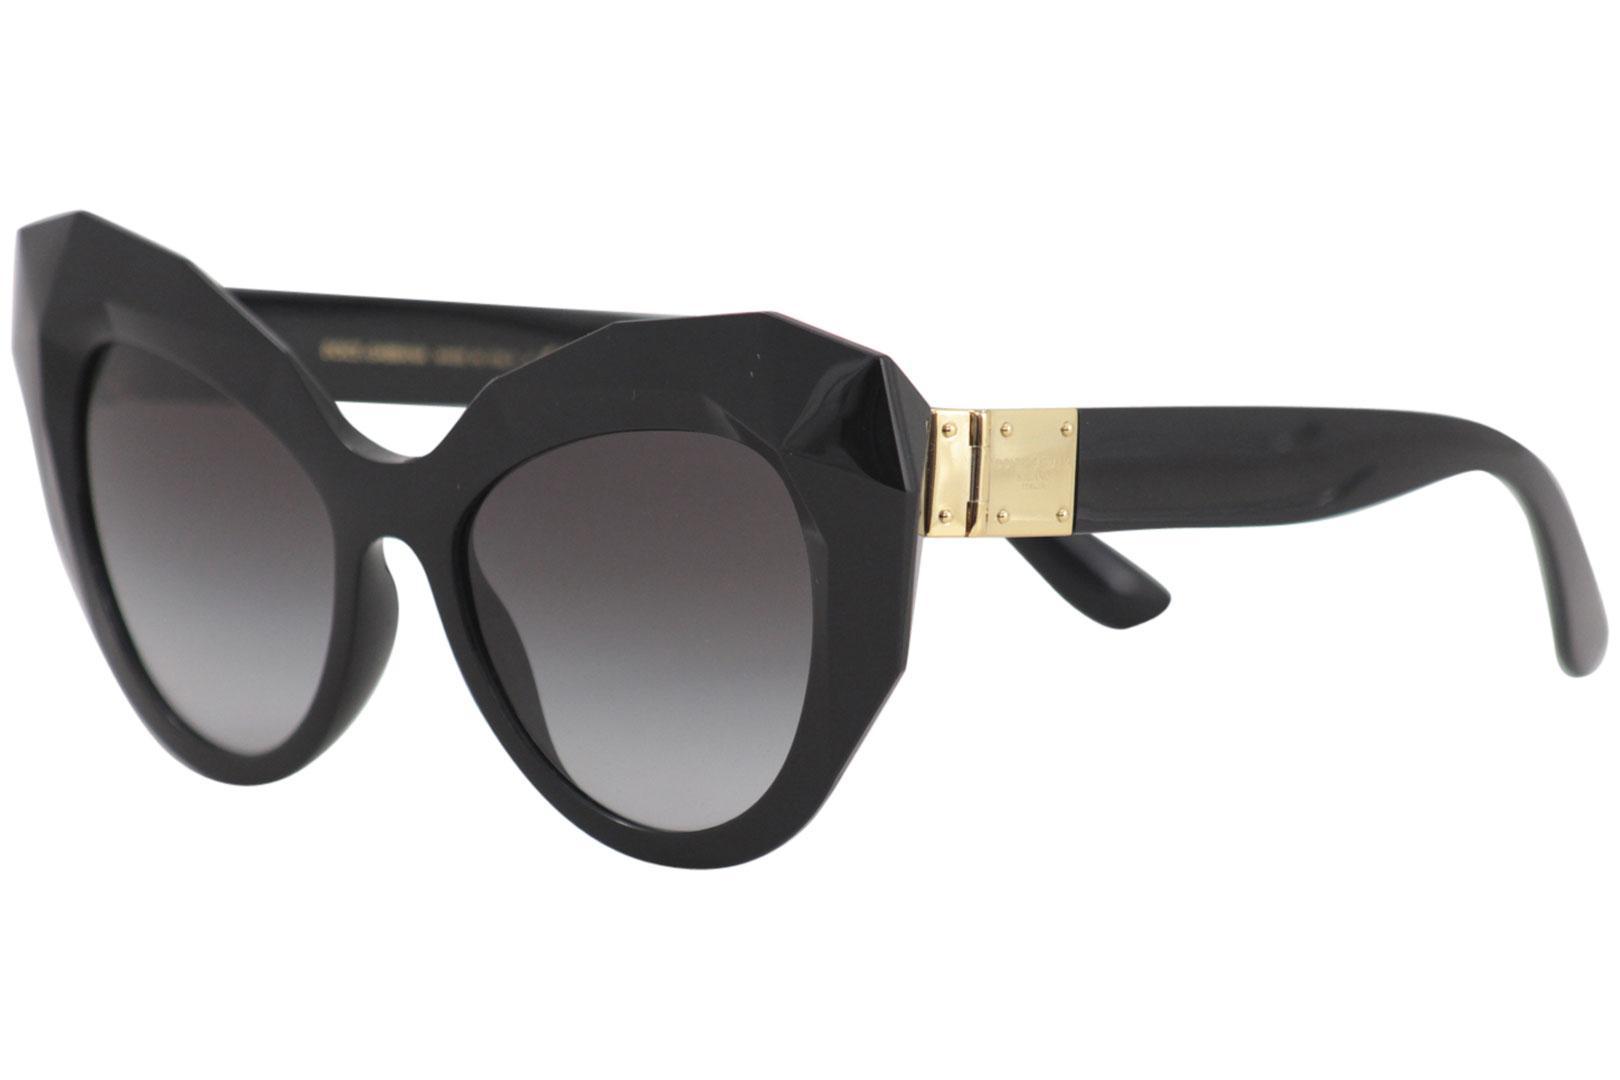 0f4653331f24 Dolce & Gabbana Women's D&G DG6122 DG/6122 Fashion Cat Eye Sunglasses by  Dolce & Gabbana